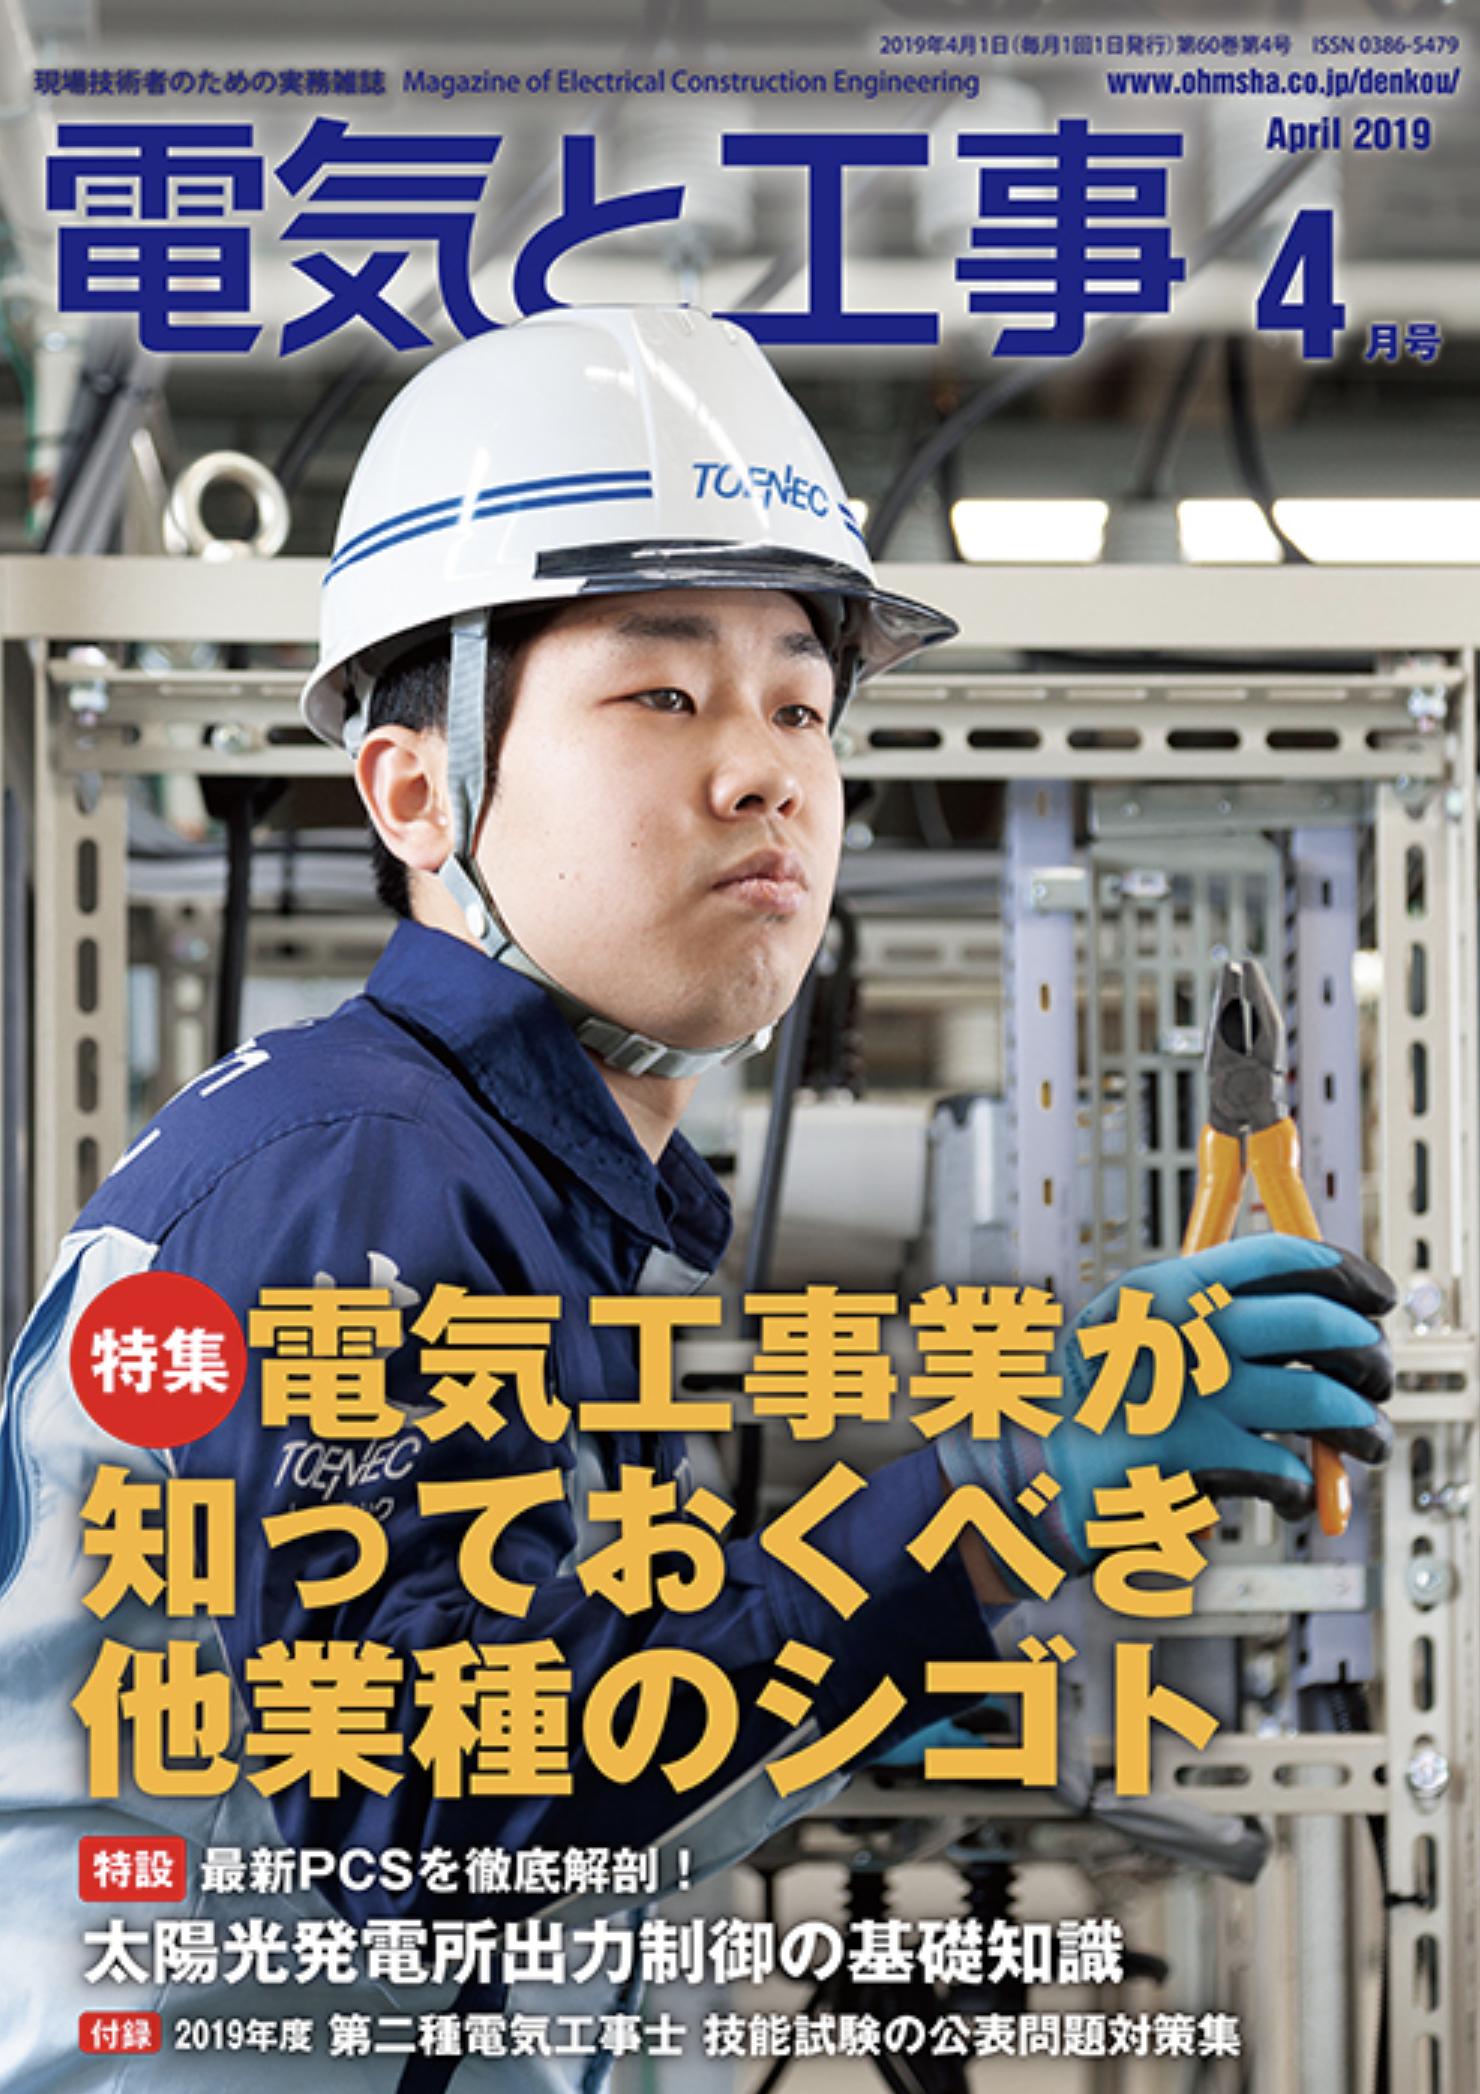 【新刊トピックス 2019年3月】電気と工事 2019年4月号 (第60巻第4号通巻785号)の画像